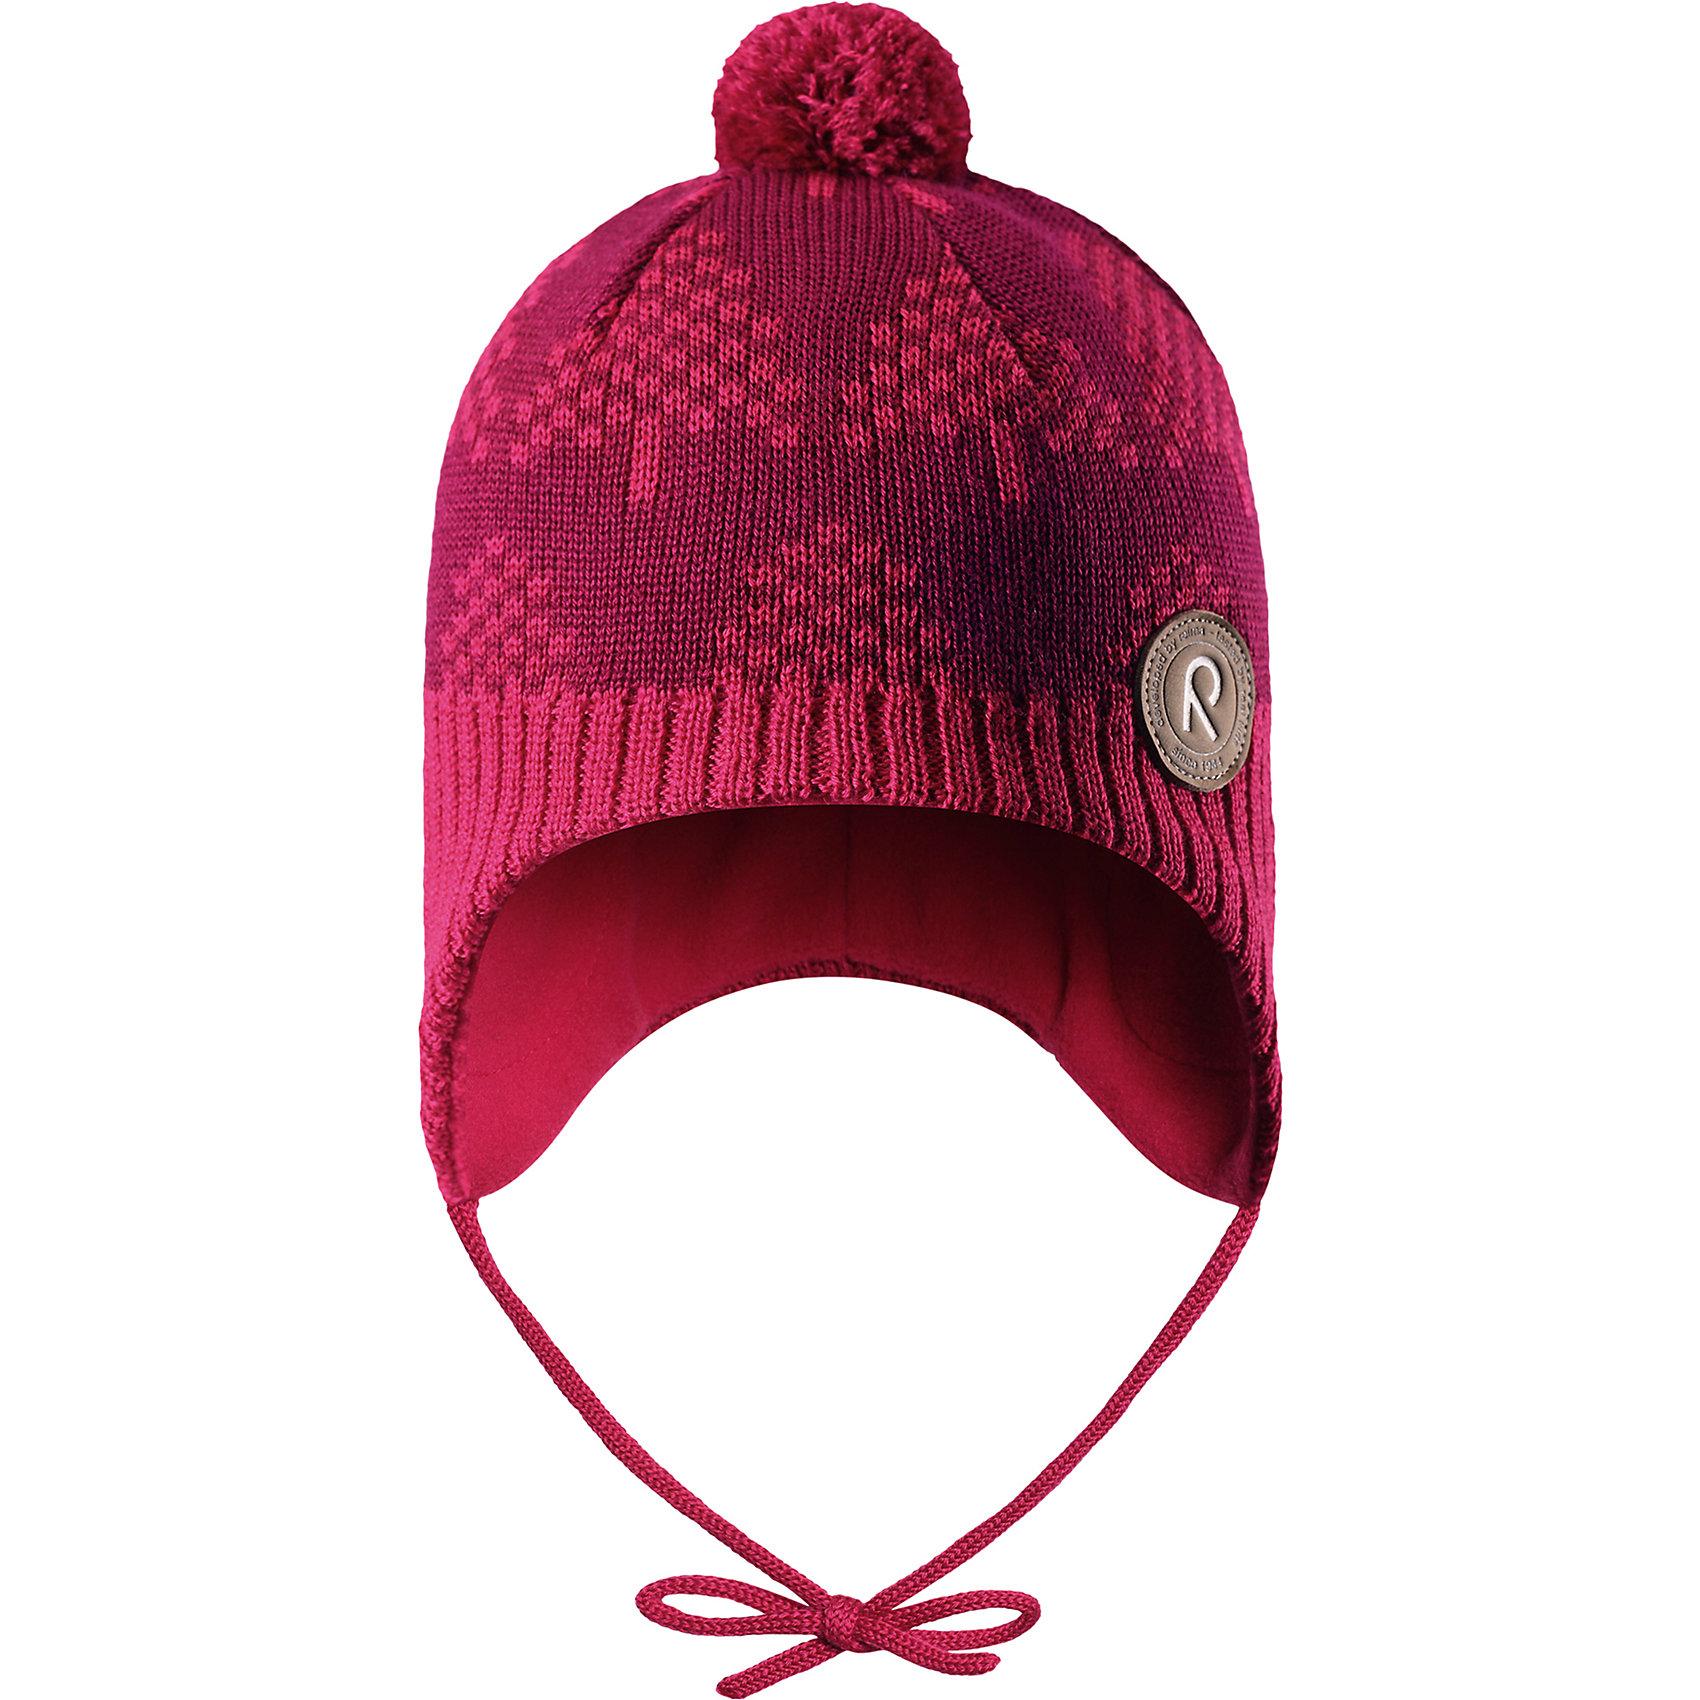 Шапка Yll?s ReimaГоловные уборы<br>Шерстяная шапка для малышей с чудесным рисунком надежно согреет в холодный зимний день! Эта шапка для малышей из мериносовой шерсти подарит уют в морозную погоду: мягкая флисовая подкладка обеспечит ребенку тепло и комфорт. За счет эластичной вязки шапка отлично сидит, а ветронепроницаемые вставки в области ушей защищают ушки от холодного ветра. Благодаря завязкам эта стильная шапка не съезжает и хорошо защищает голову. Маленький помпон на макушке довершает образ!<br>Состав:<br>50% Шерсть, 50% Полиакрил<br><br>Ширина мм: 89<br>Глубина мм: 117<br>Высота мм: 44<br>Вес г: 155<br>Цвет: розовый<br>Возраст от месяцев: 60<br>Возраст до месяцев: 72<br>Пол: Унисекс<br>Возраст: Детский<br>Размер: 52,46,48,50<br>SKU: 6907146